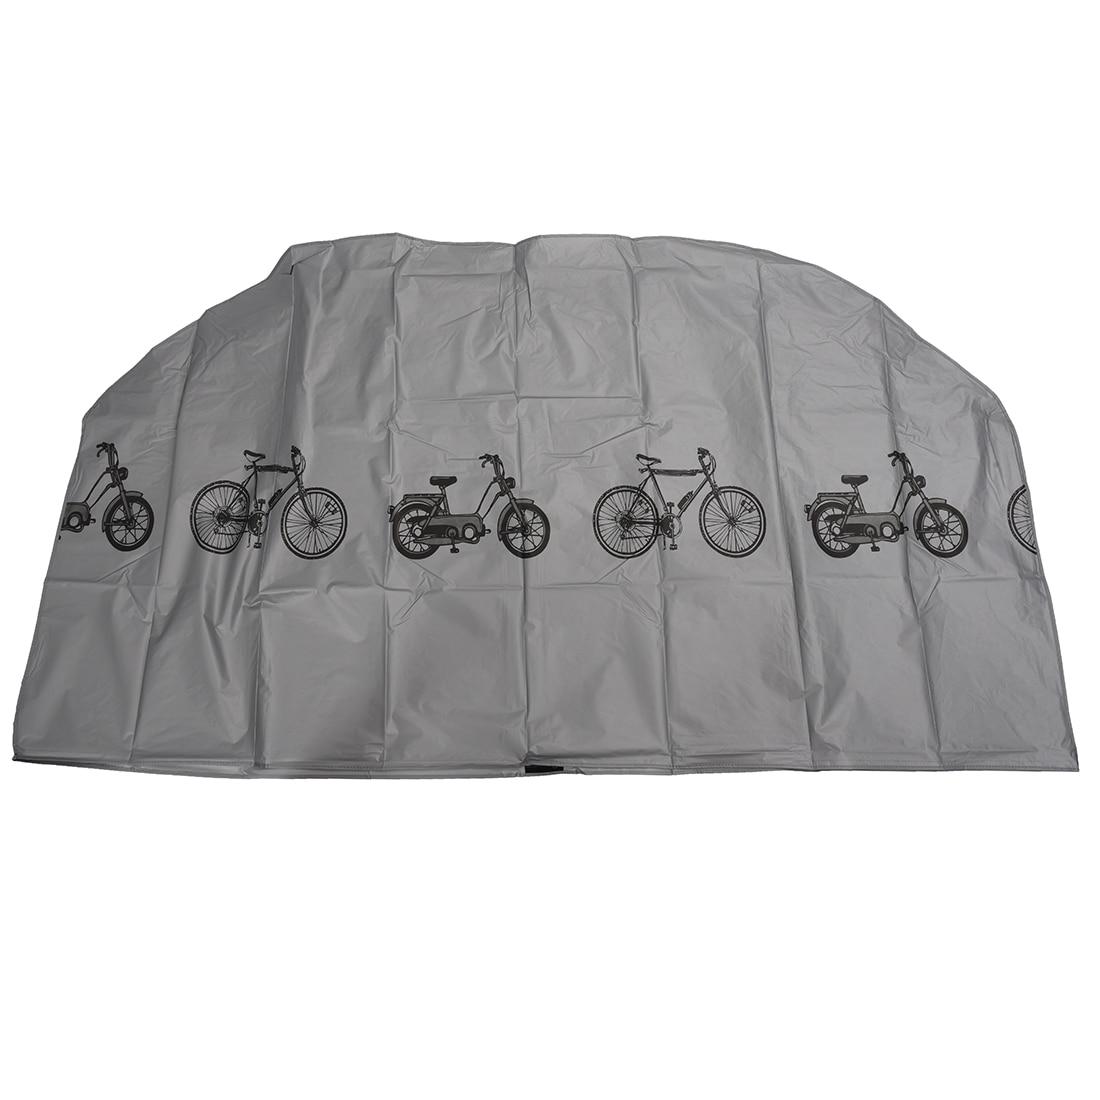 Велосипед Велоспорт дождя и пыли Защитная крышка Водонепроницаемый защита гараж